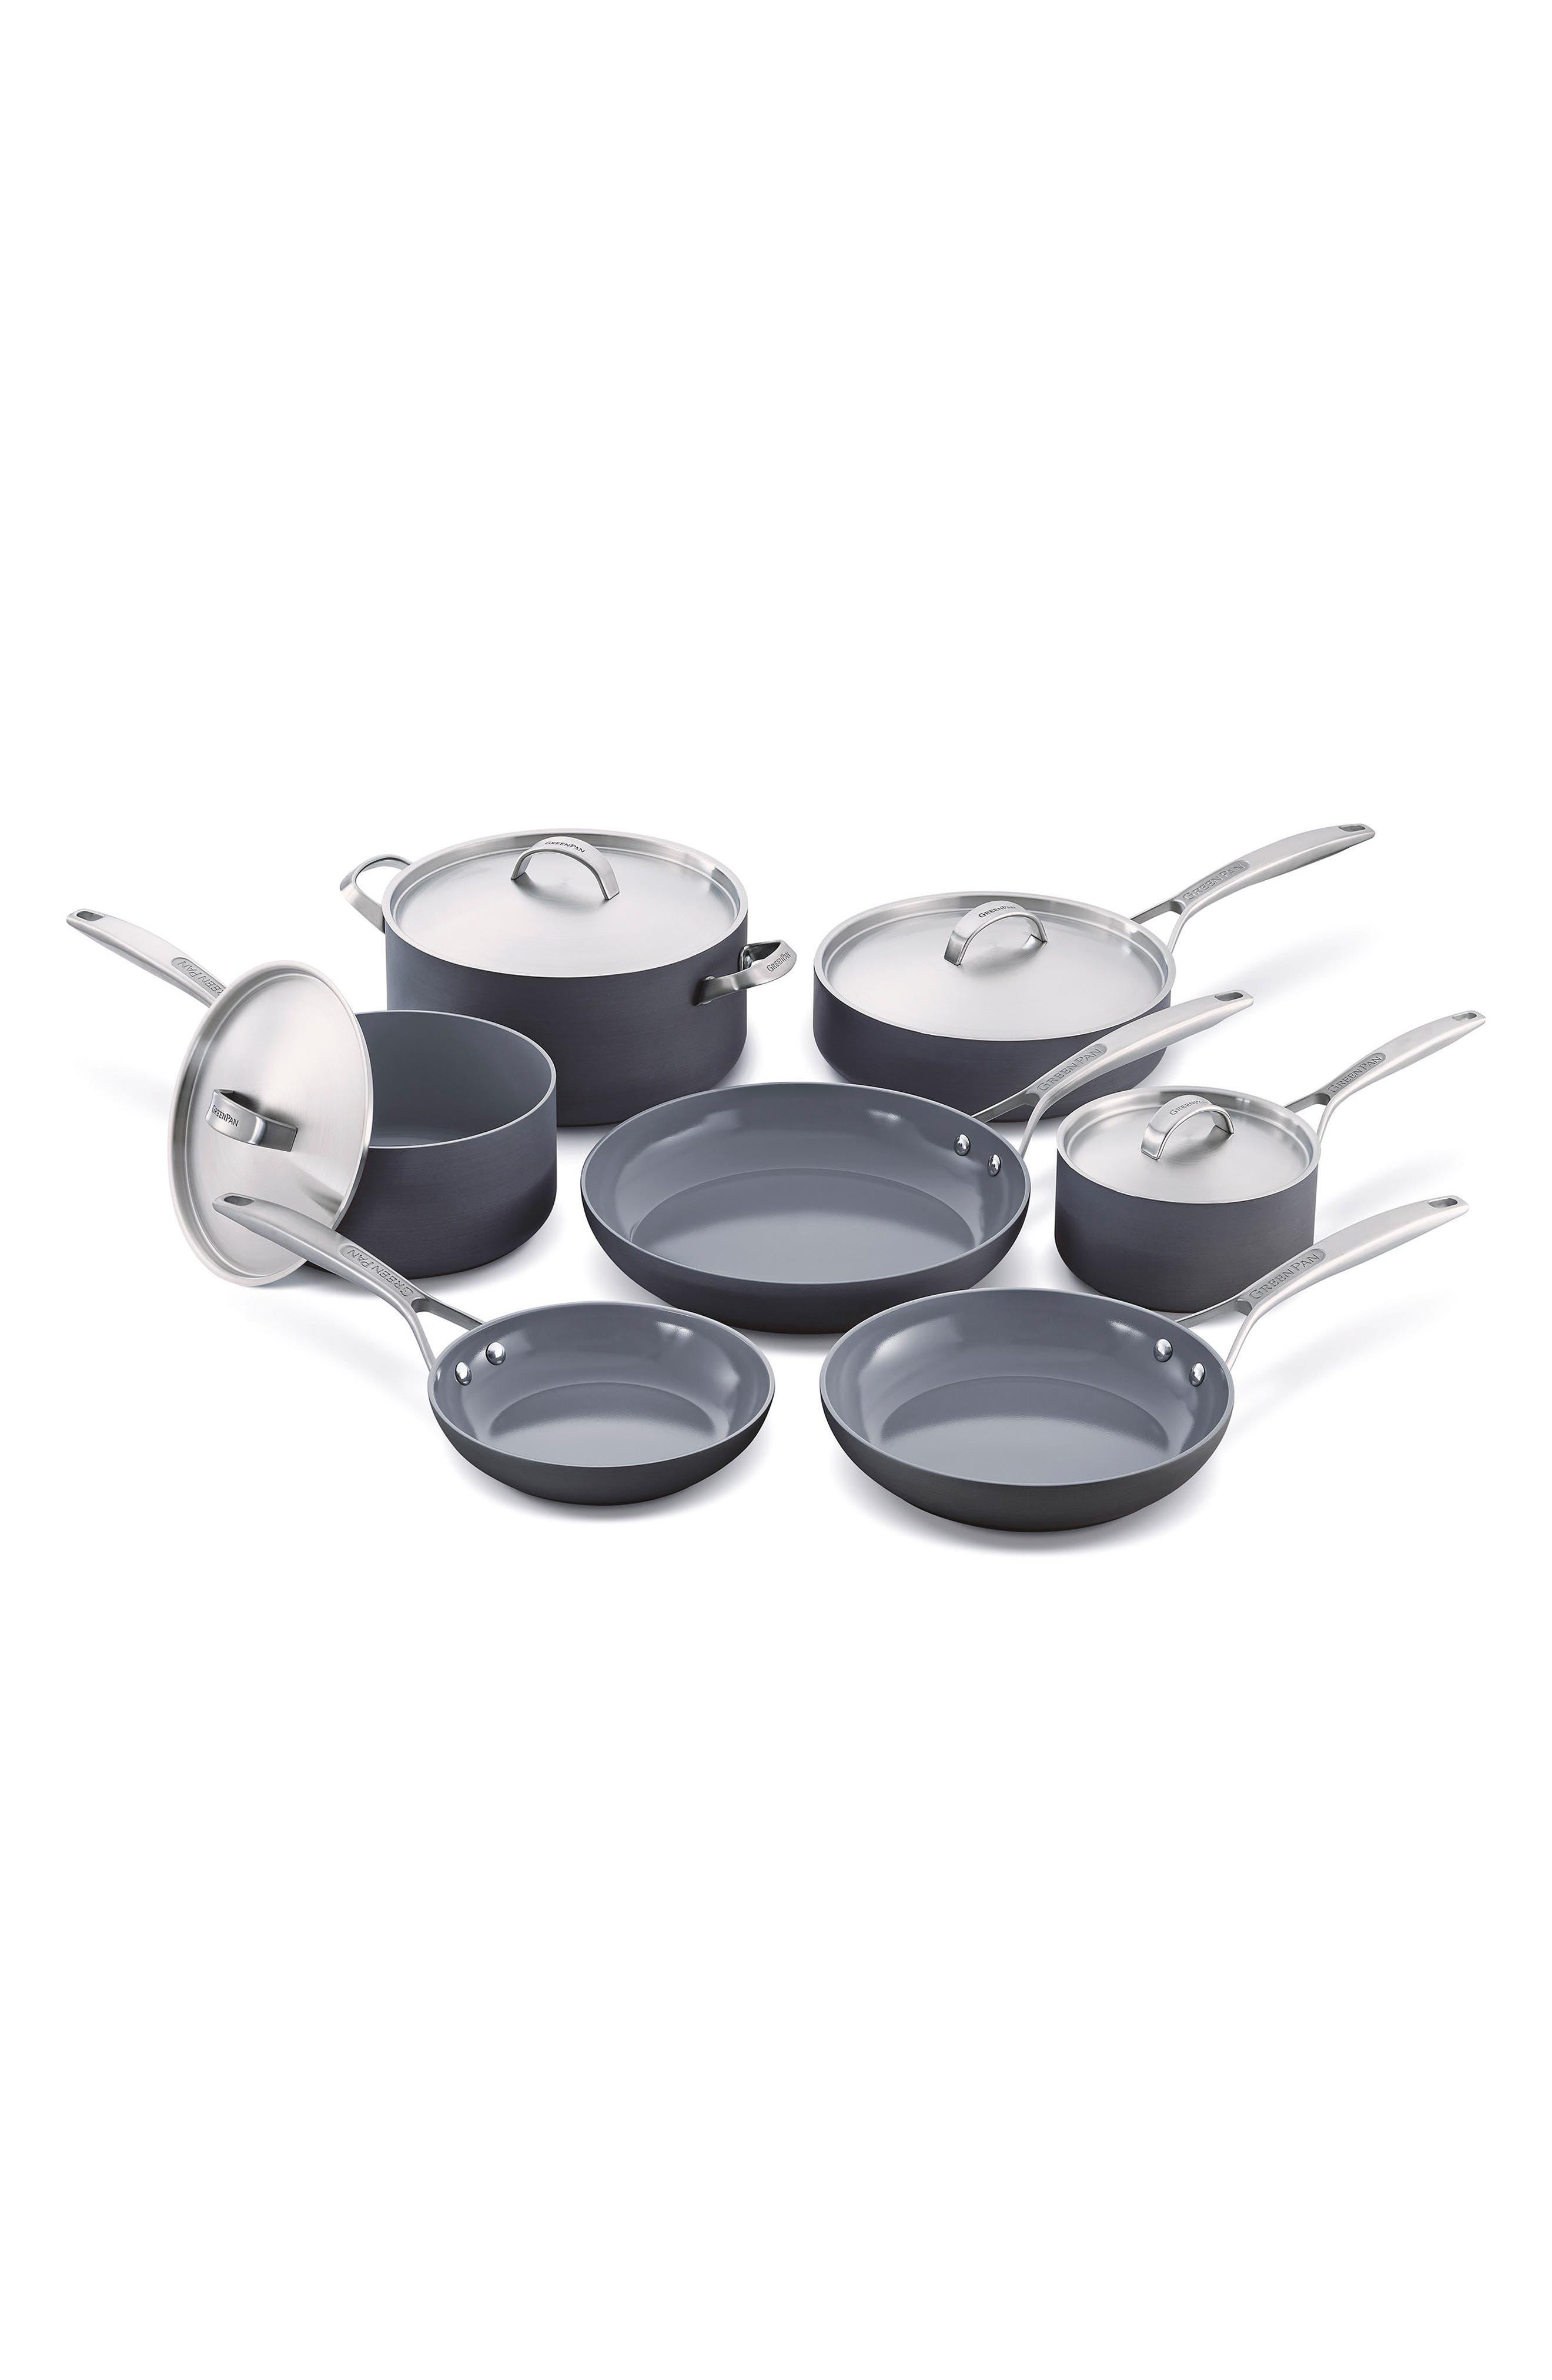 Paris Pro 11-Piece Anodized Aluminum Ceramic Cookware Set,                             Main thumbnail 1, color,                             GREY